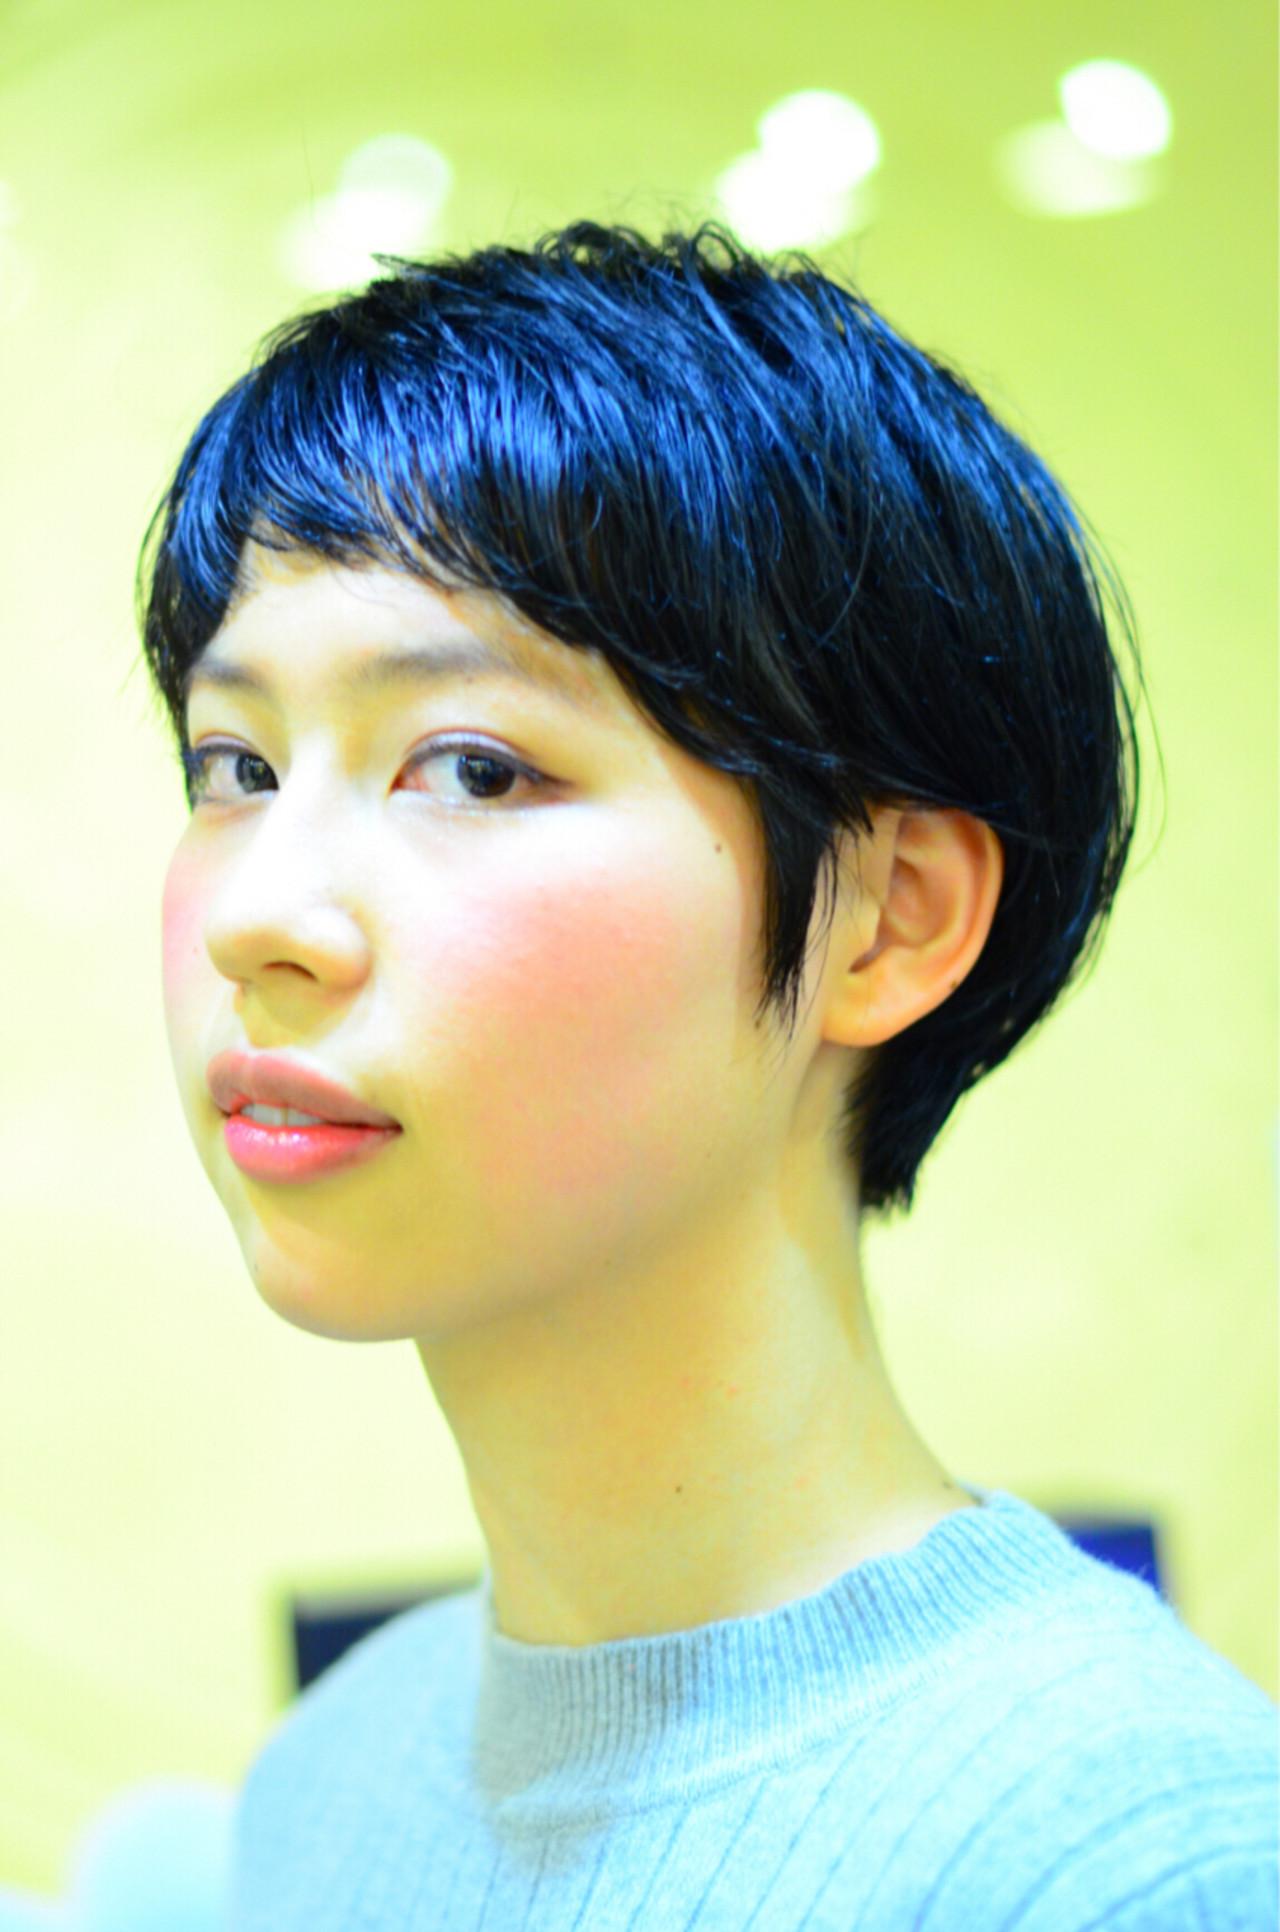 目指したいのは海外セレブの髪型!頭の形がきれいに見える外国人風ショート 星野忍伸  SHAMPOOBOY FLAP